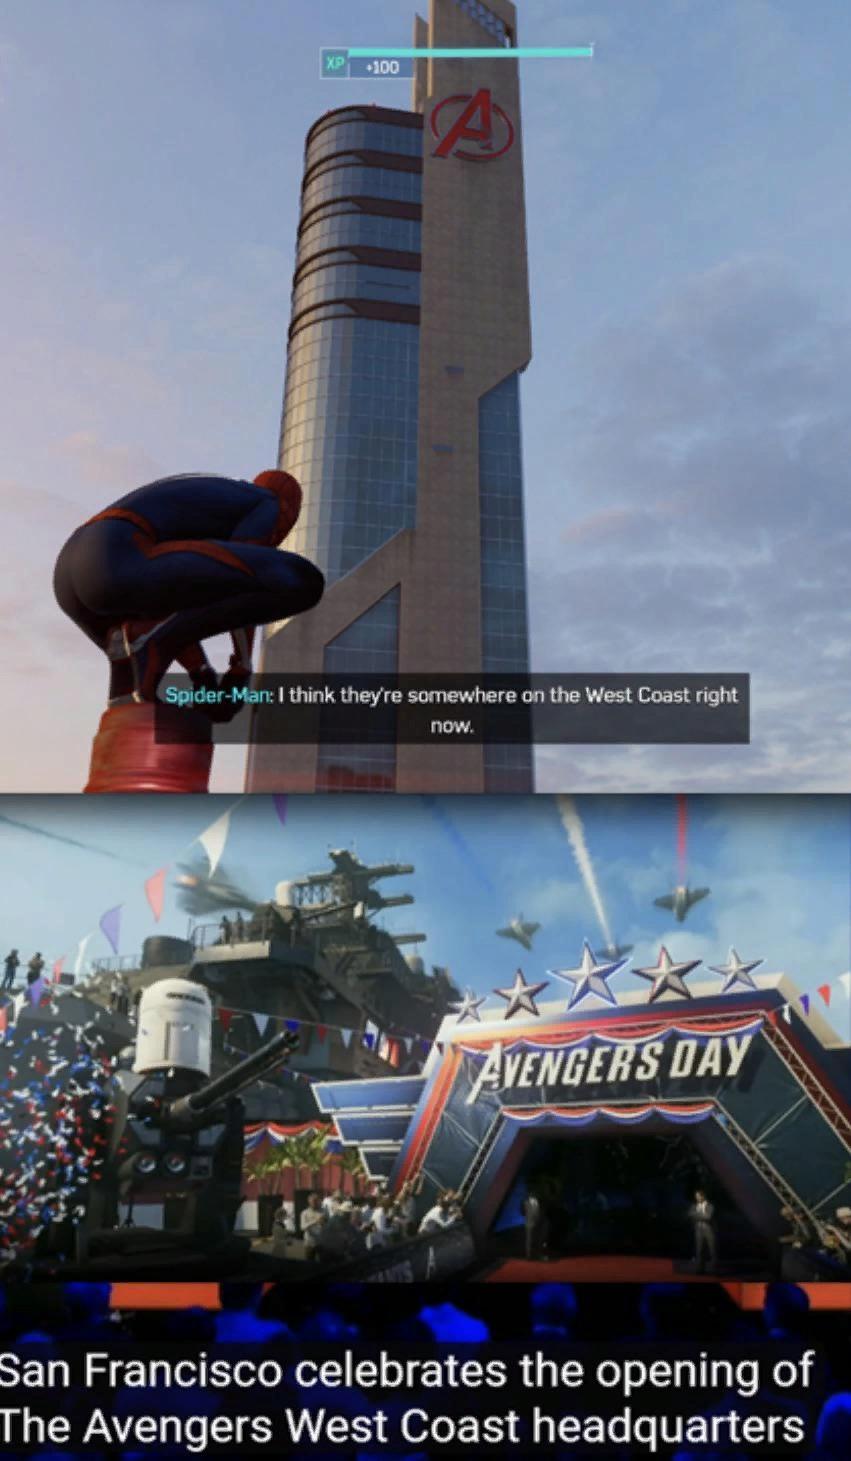 Marvel's Avengers повторяет настроение «Финала» и«Войны Бесконечности», ноэтоголи мыхотели? | Канобу - Изображение 4